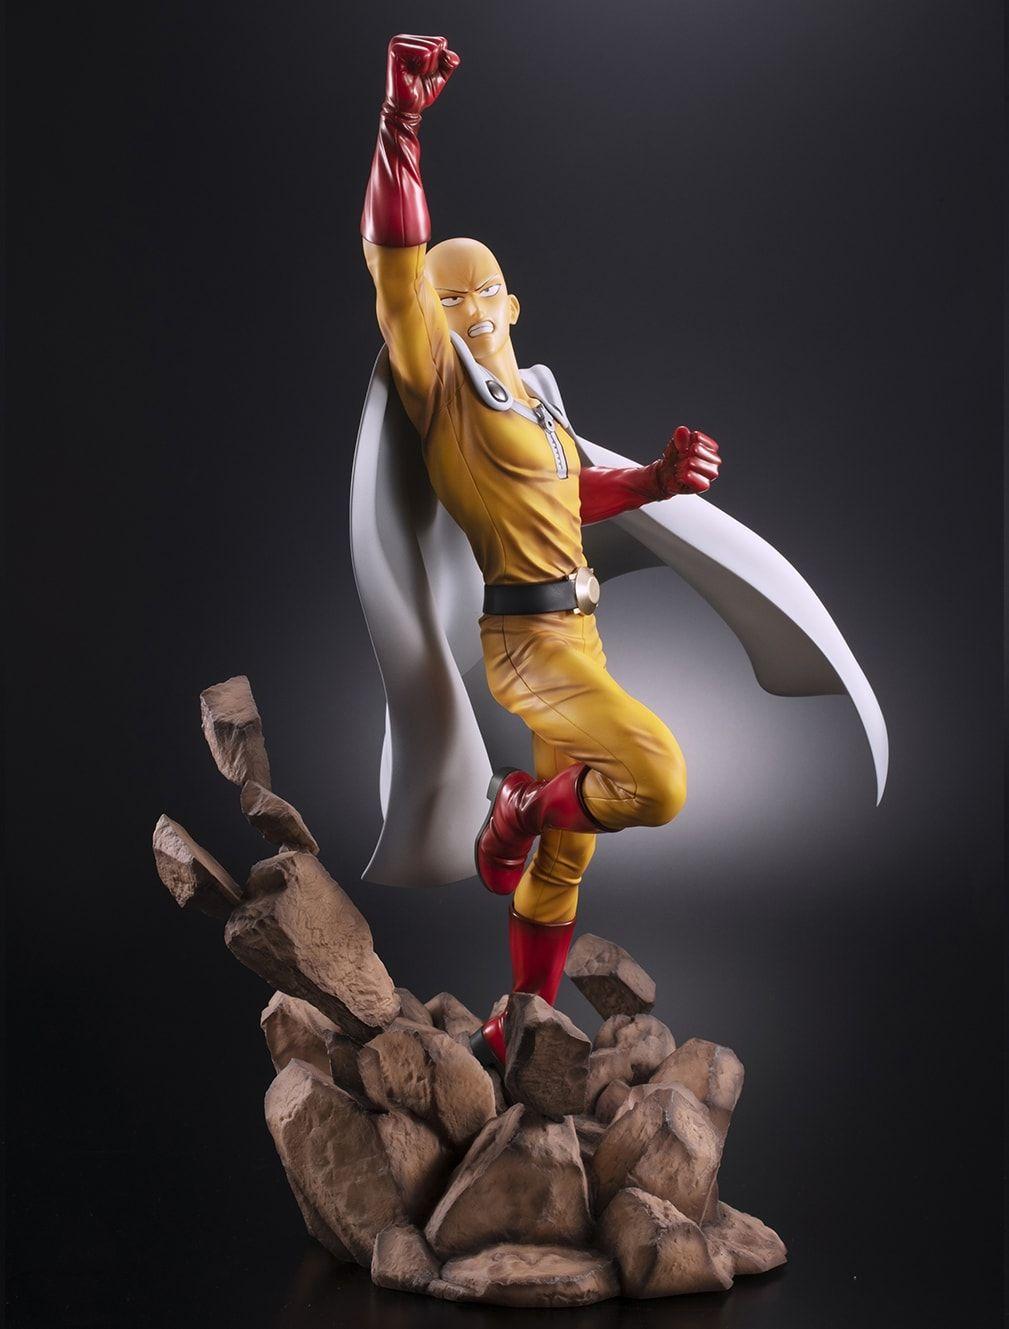 【限定販売】ワンパンマン『サイタマ -隕石破壊 ver-』1/7 完成品フィギュア-011